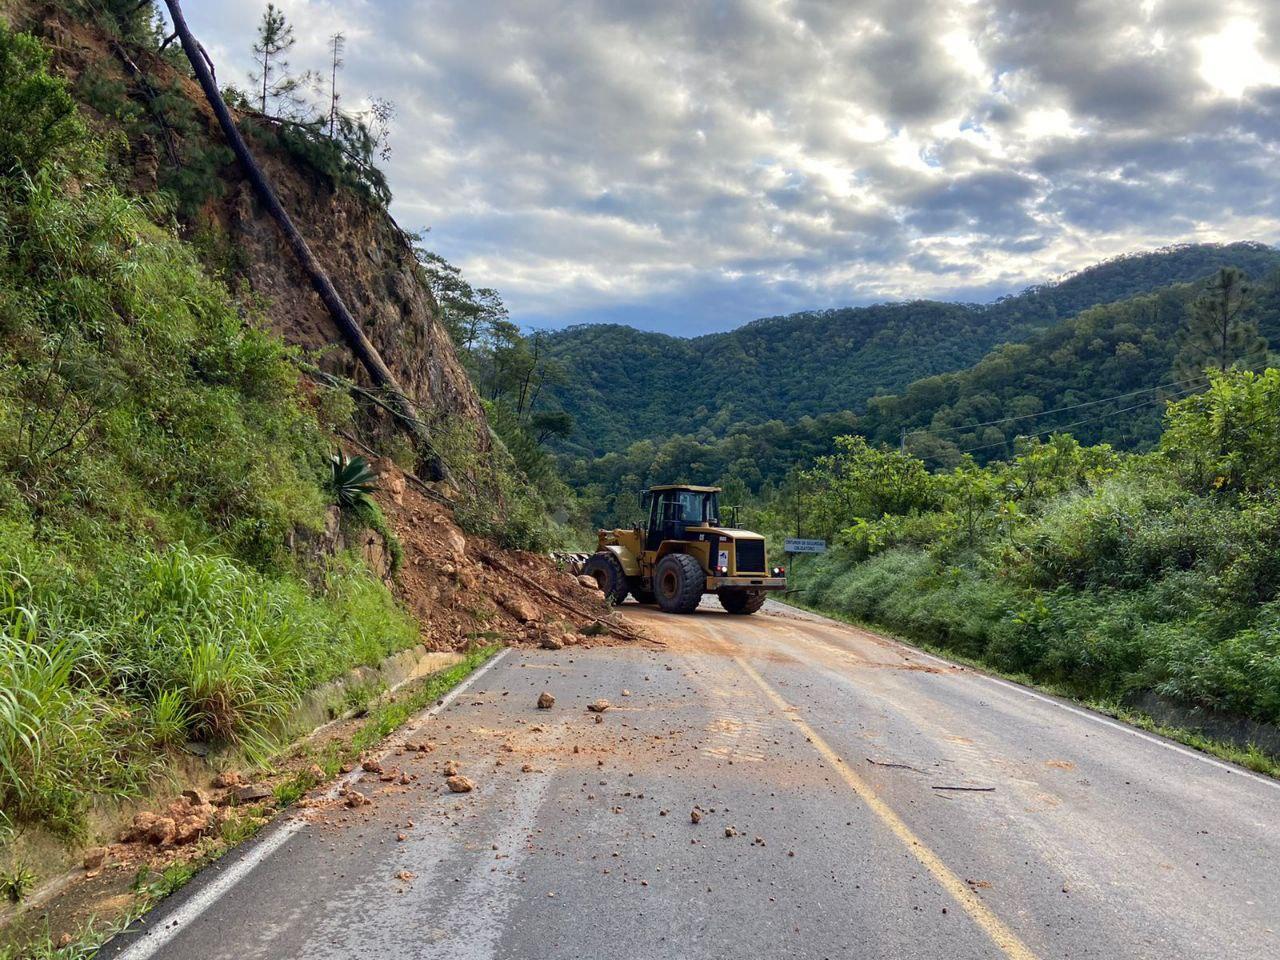 La SIOP y PC liberan la carretera Mascota-Puerto Vallarta, cerrada parcialmente debido a derrumbes causados por las copiosas lluvias